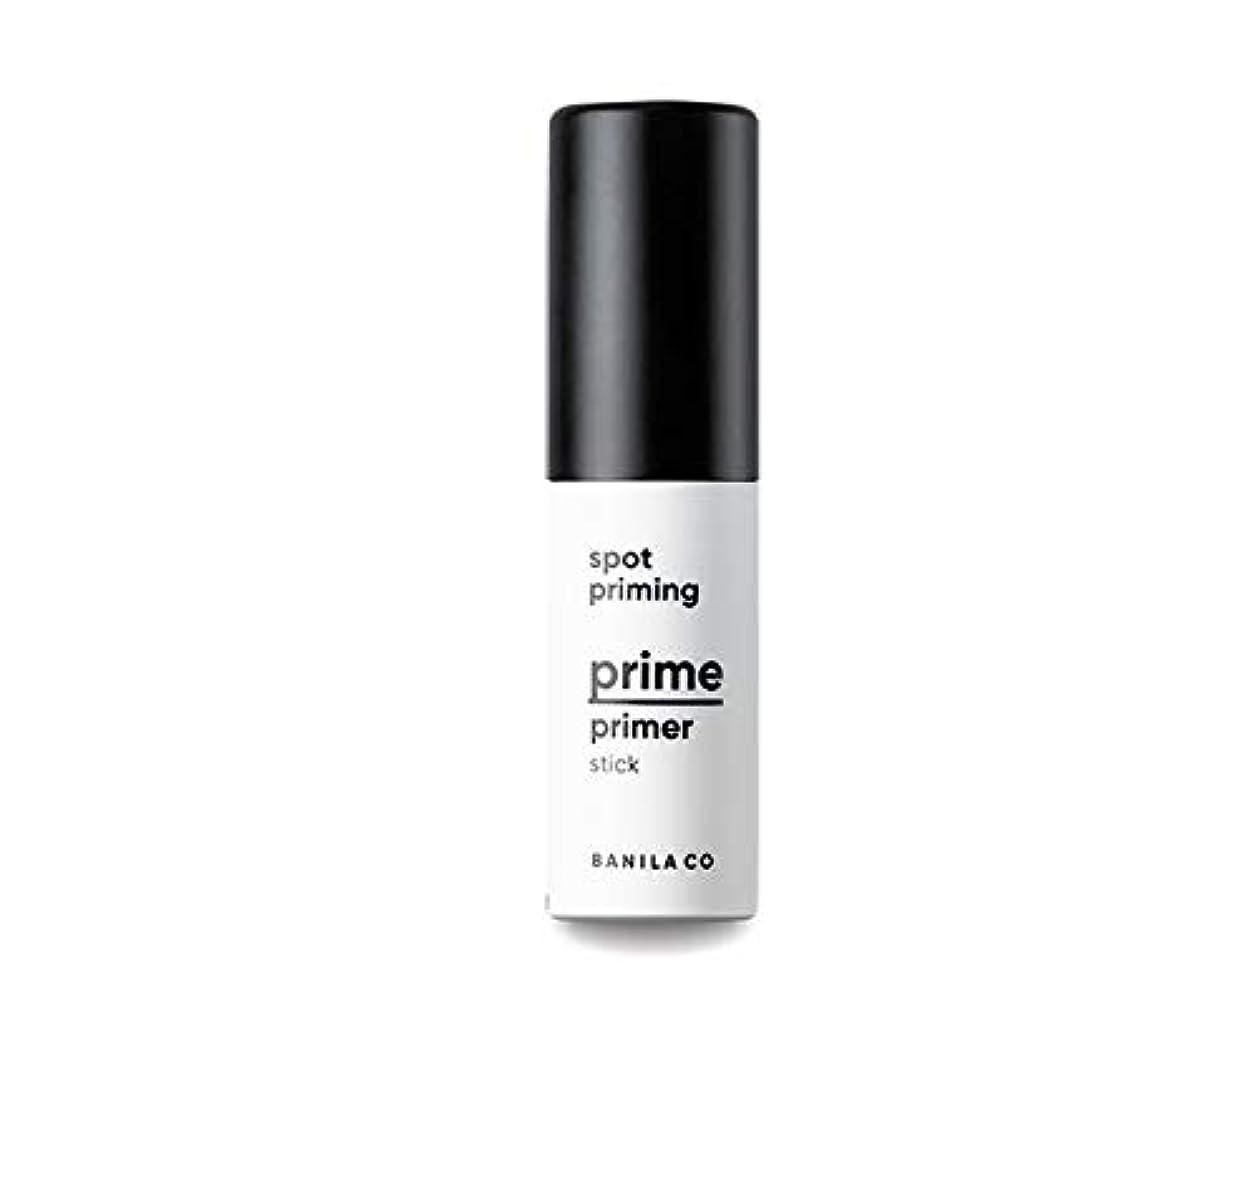 ポーチインペリアル笑banilaco プライムプライマースティック/Prime Primer Stick 9g [並行輸入品]